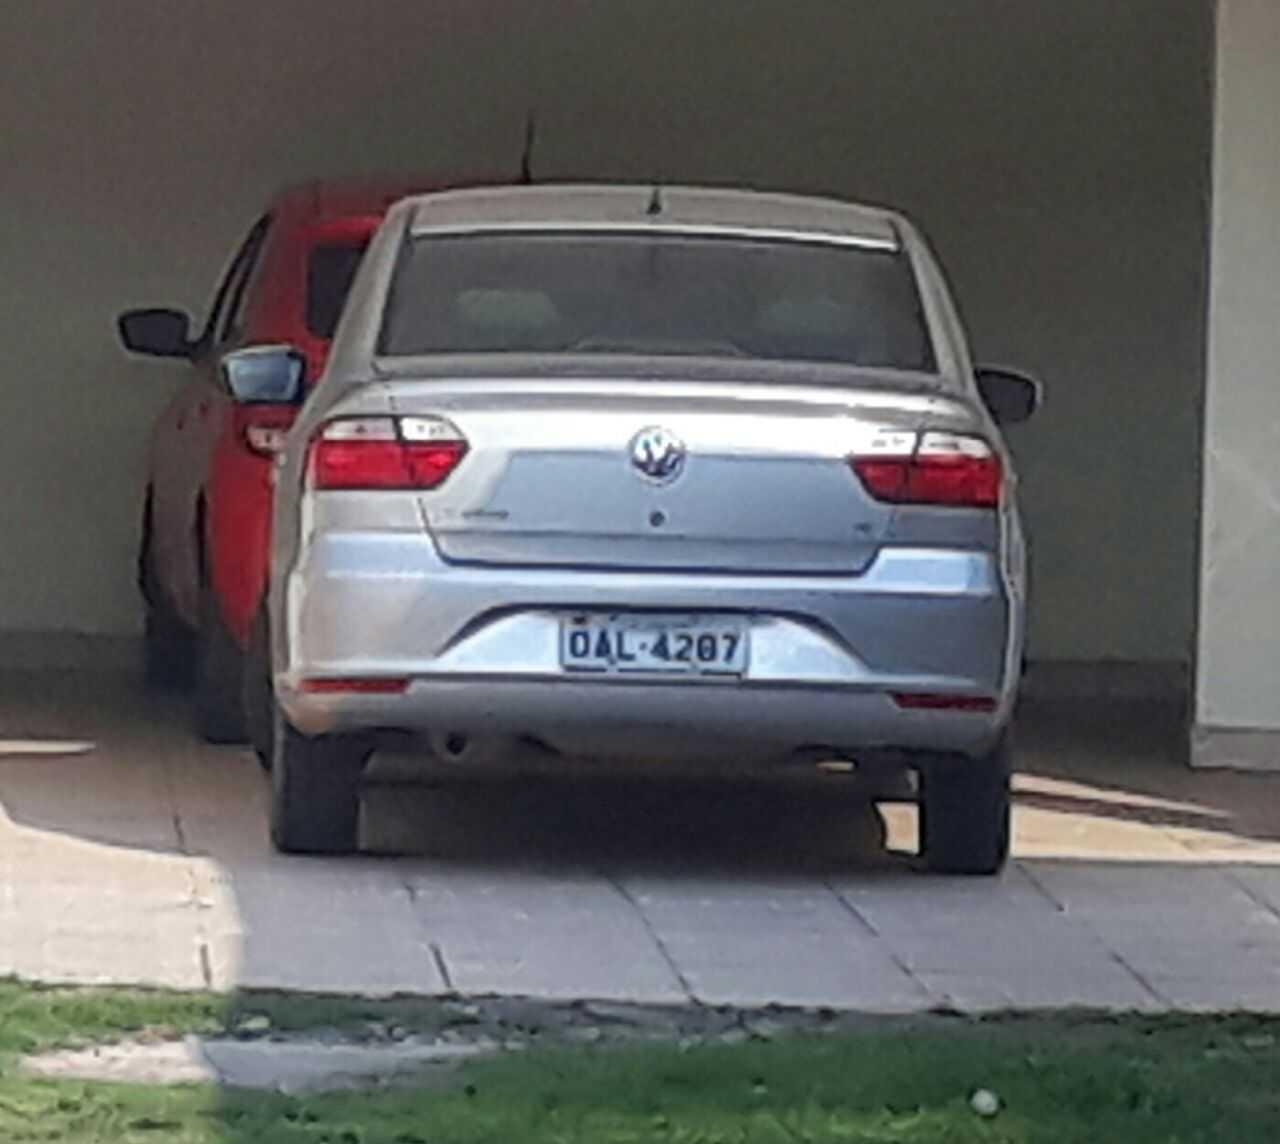 Os criminosos alugaram um carro para ser usado no sequestro - Imagem: Divulgação